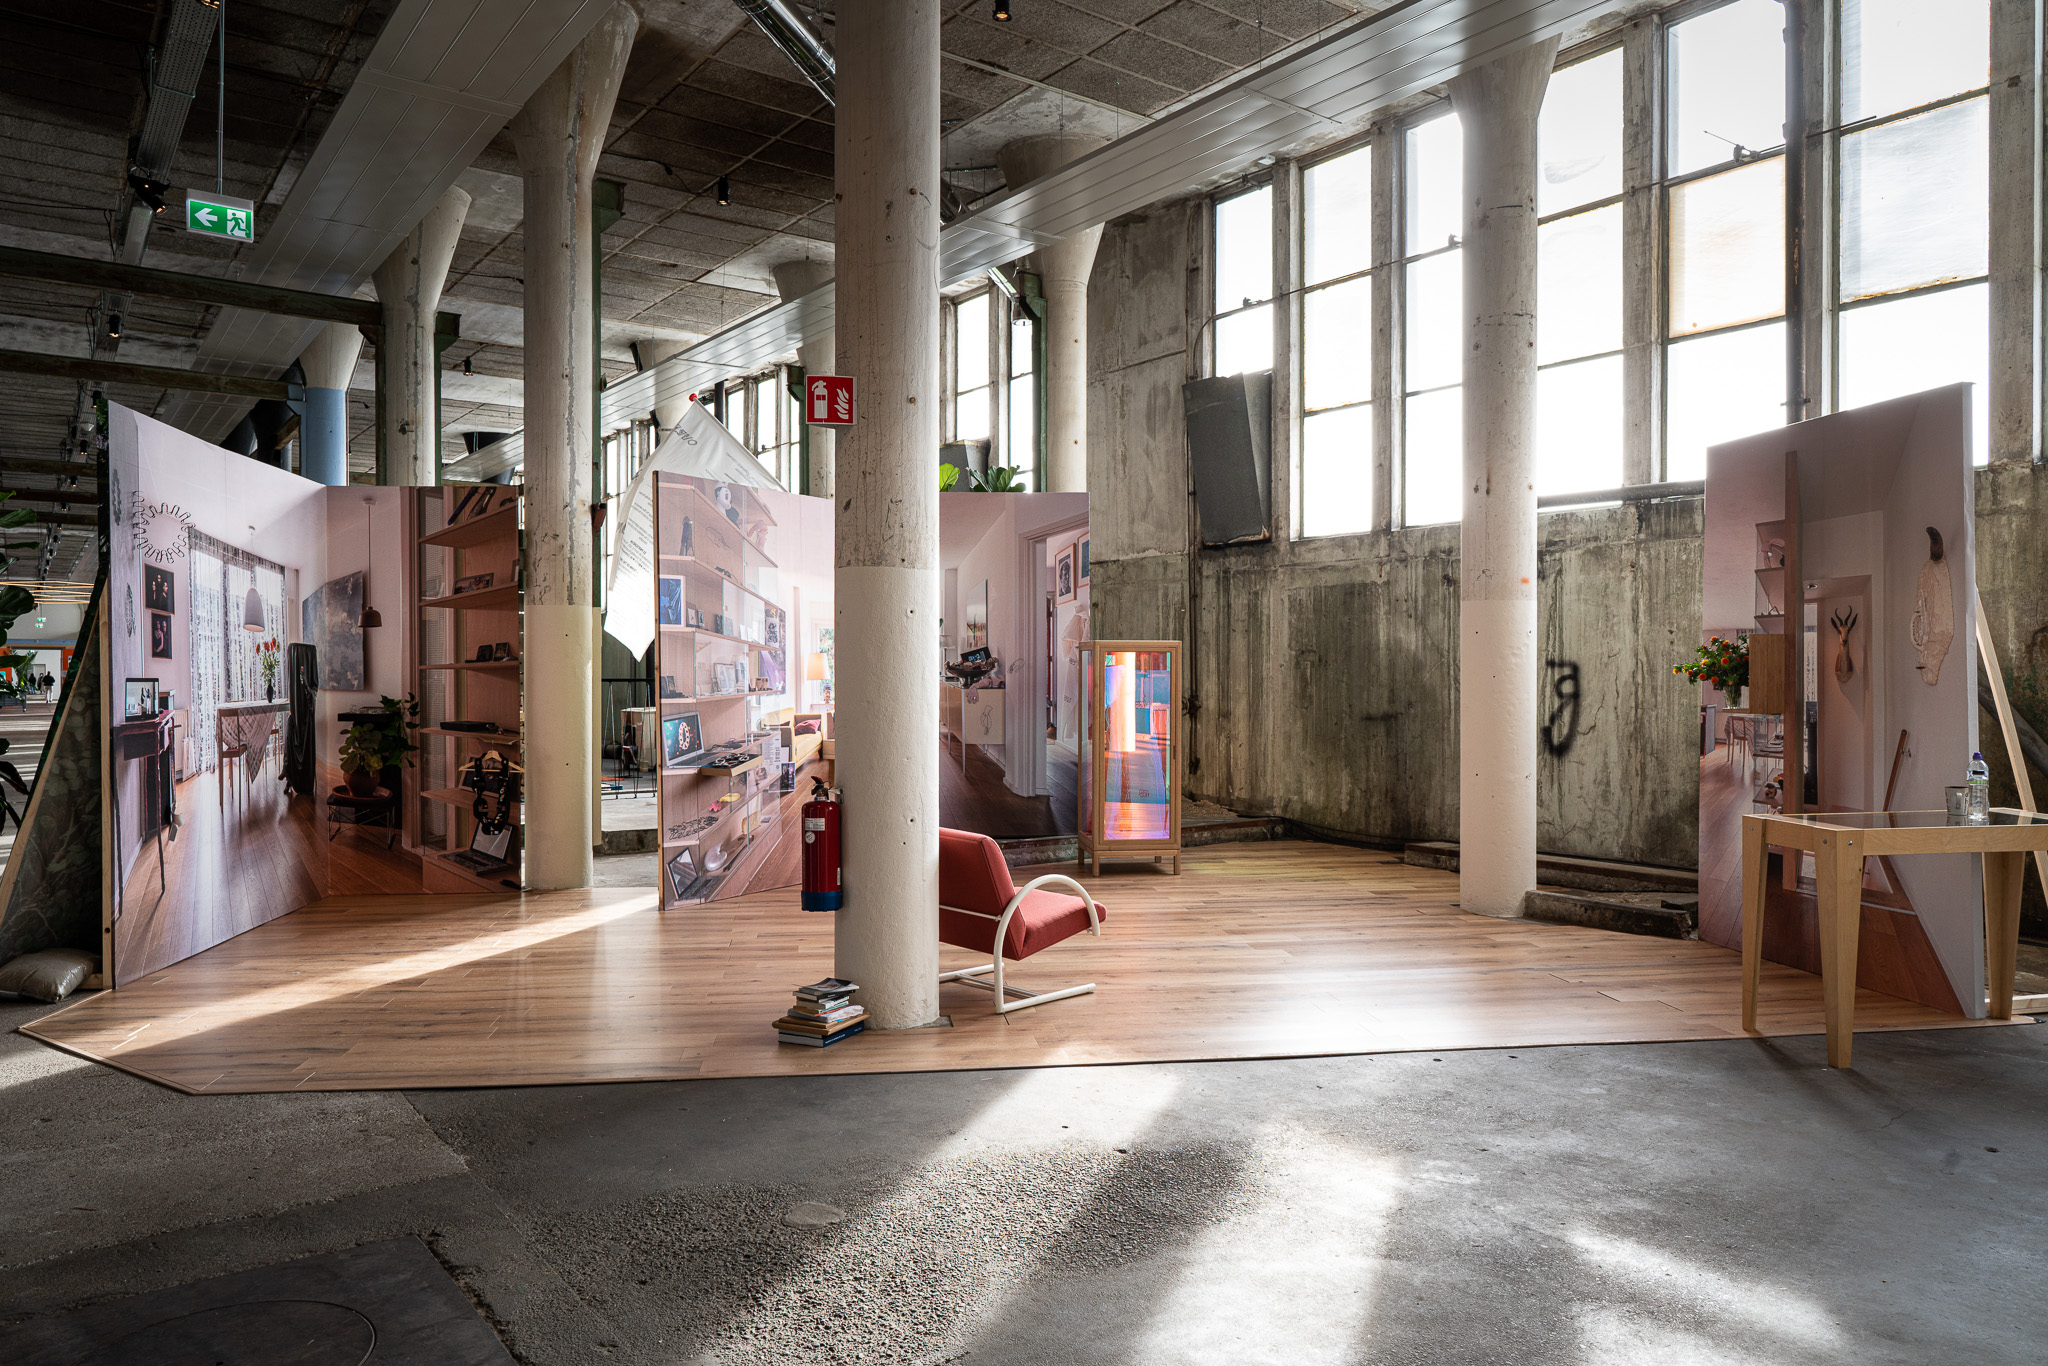 Examententoonstelling Challenging Jewellery, Het HEM, Zaandam, 2020. Wallscape door BLESS en Seline Durrer. Foto Ayako Nishibori